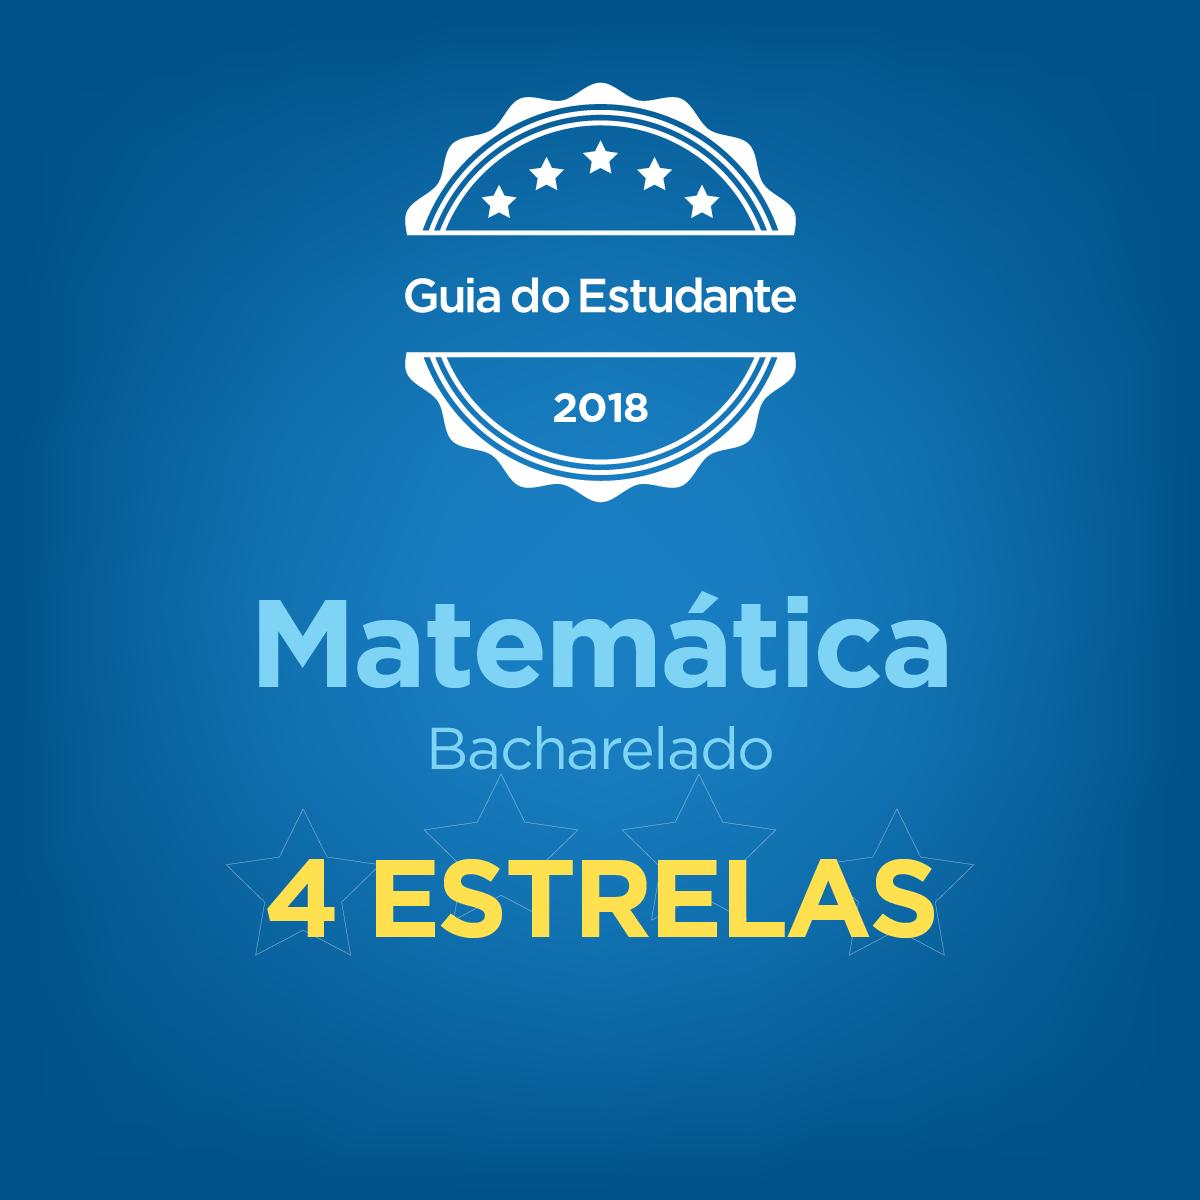 Guia do Estudante 2017 - Matemática Bacharelado